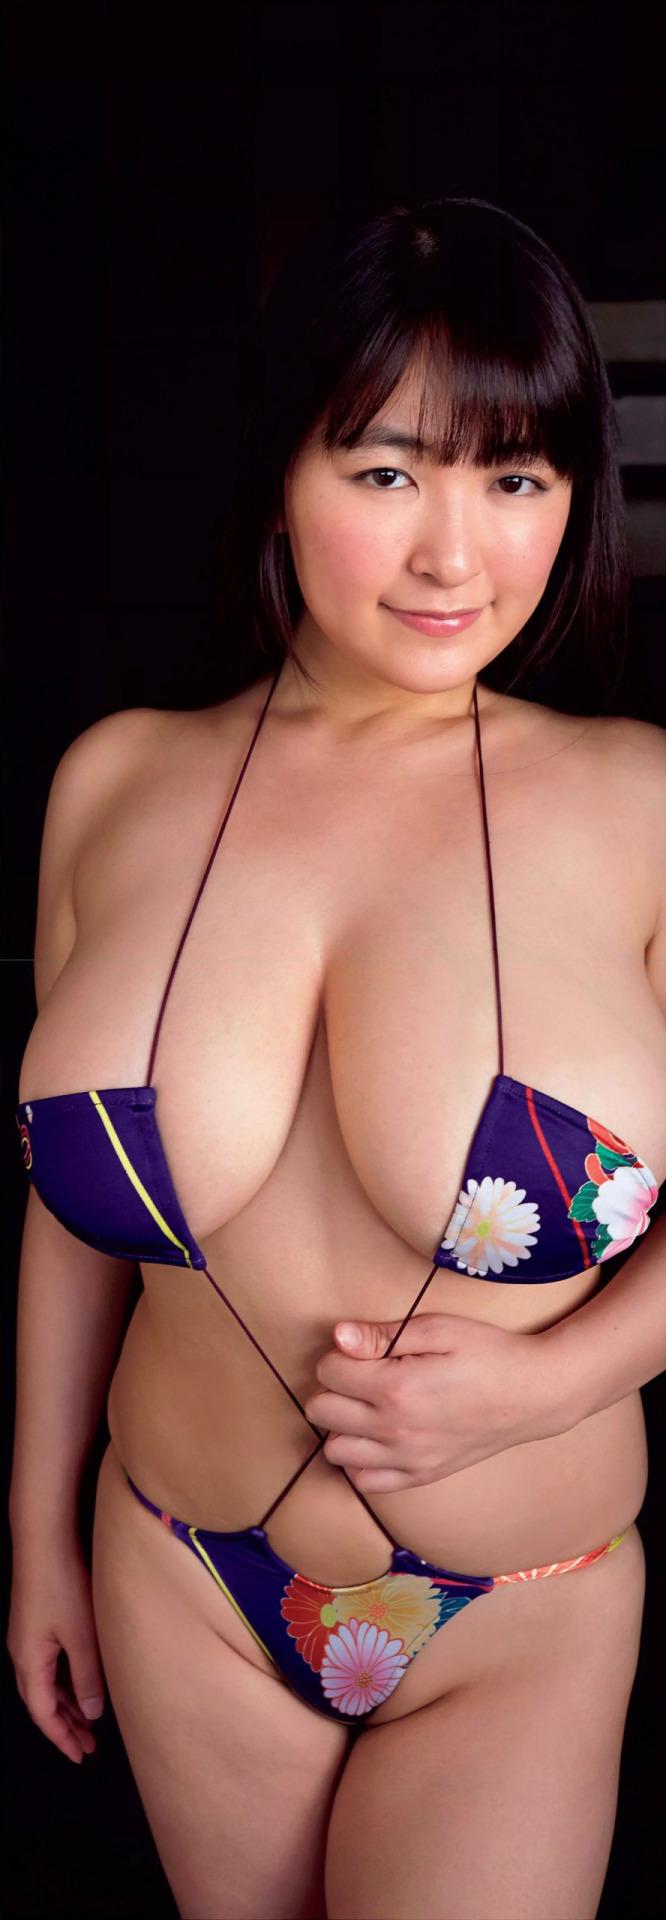 【巨乳エロ画像】なんてけしからん…Iカップ超えてるかもな柳瀬早紀ちゃんのおっぱいwww 03